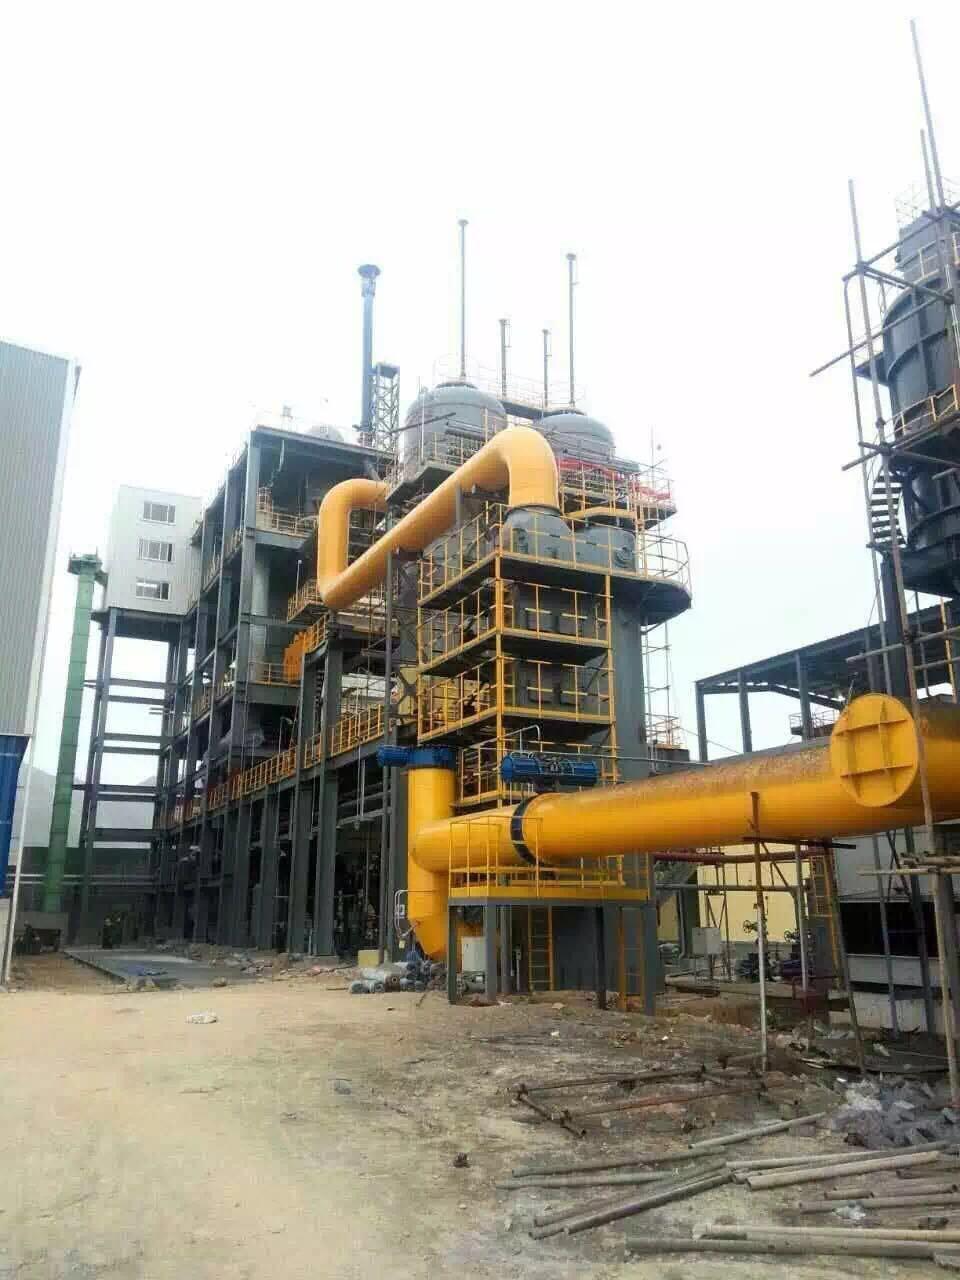 山东招金氯化焙烧项目CXL2000循环流化床气化炉项目投产